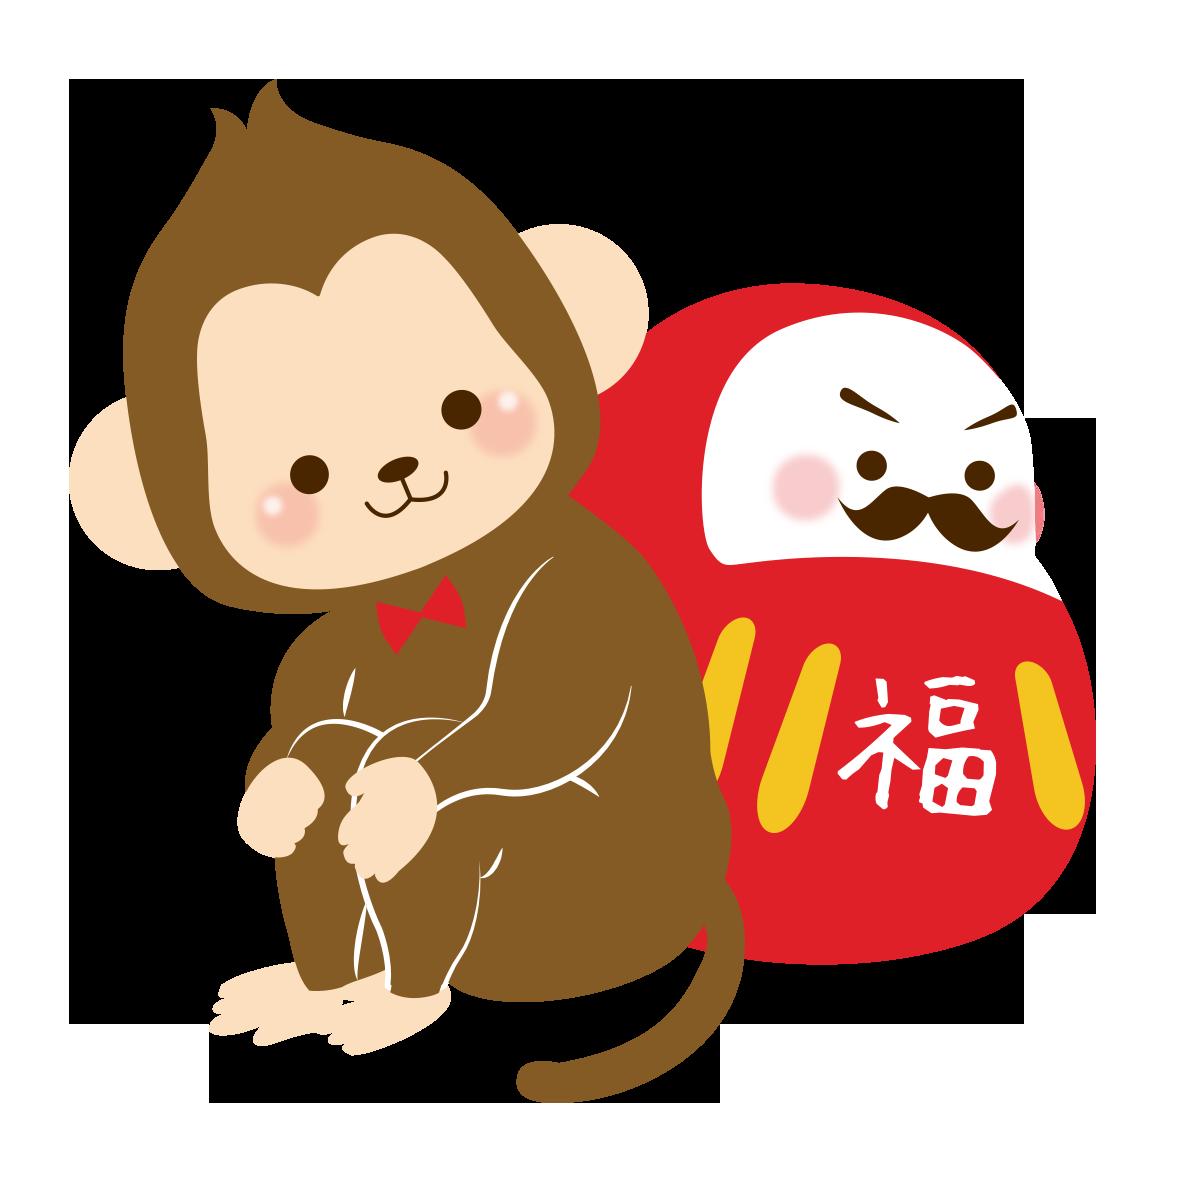 サルとだるま」 - 無料イラスト愛